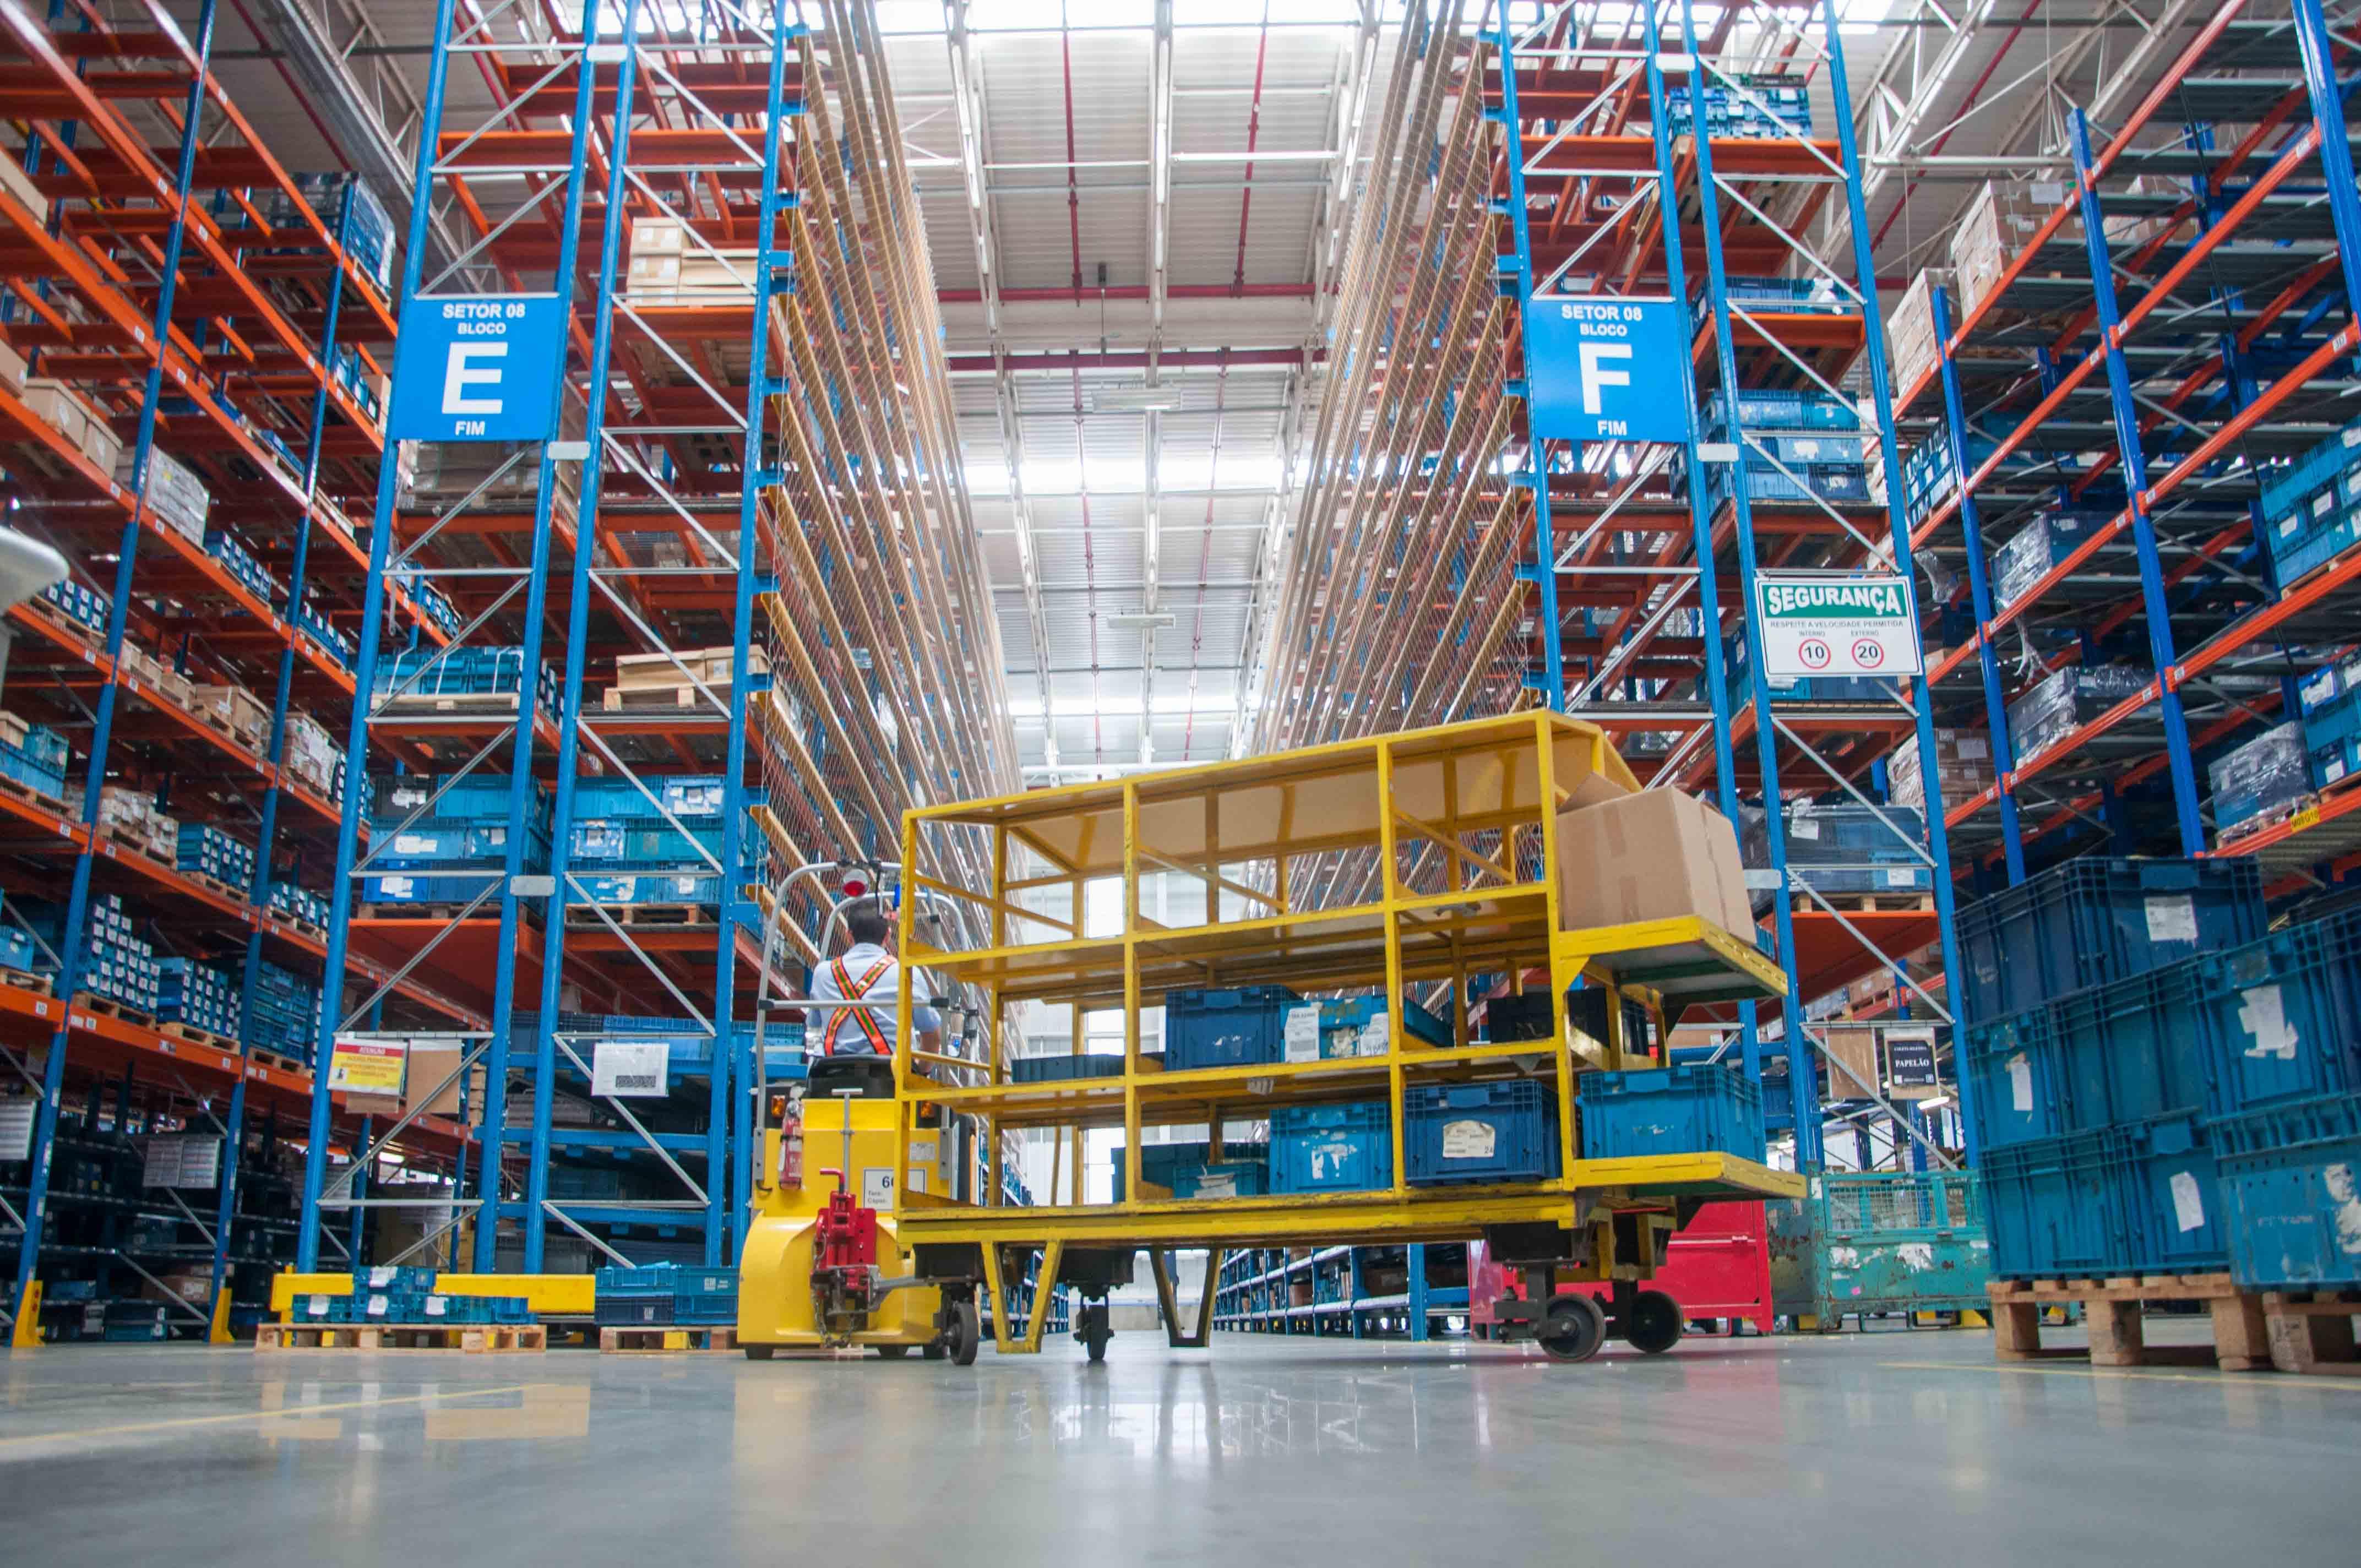 Economia - Indústria - logística distribuição fábrica produção